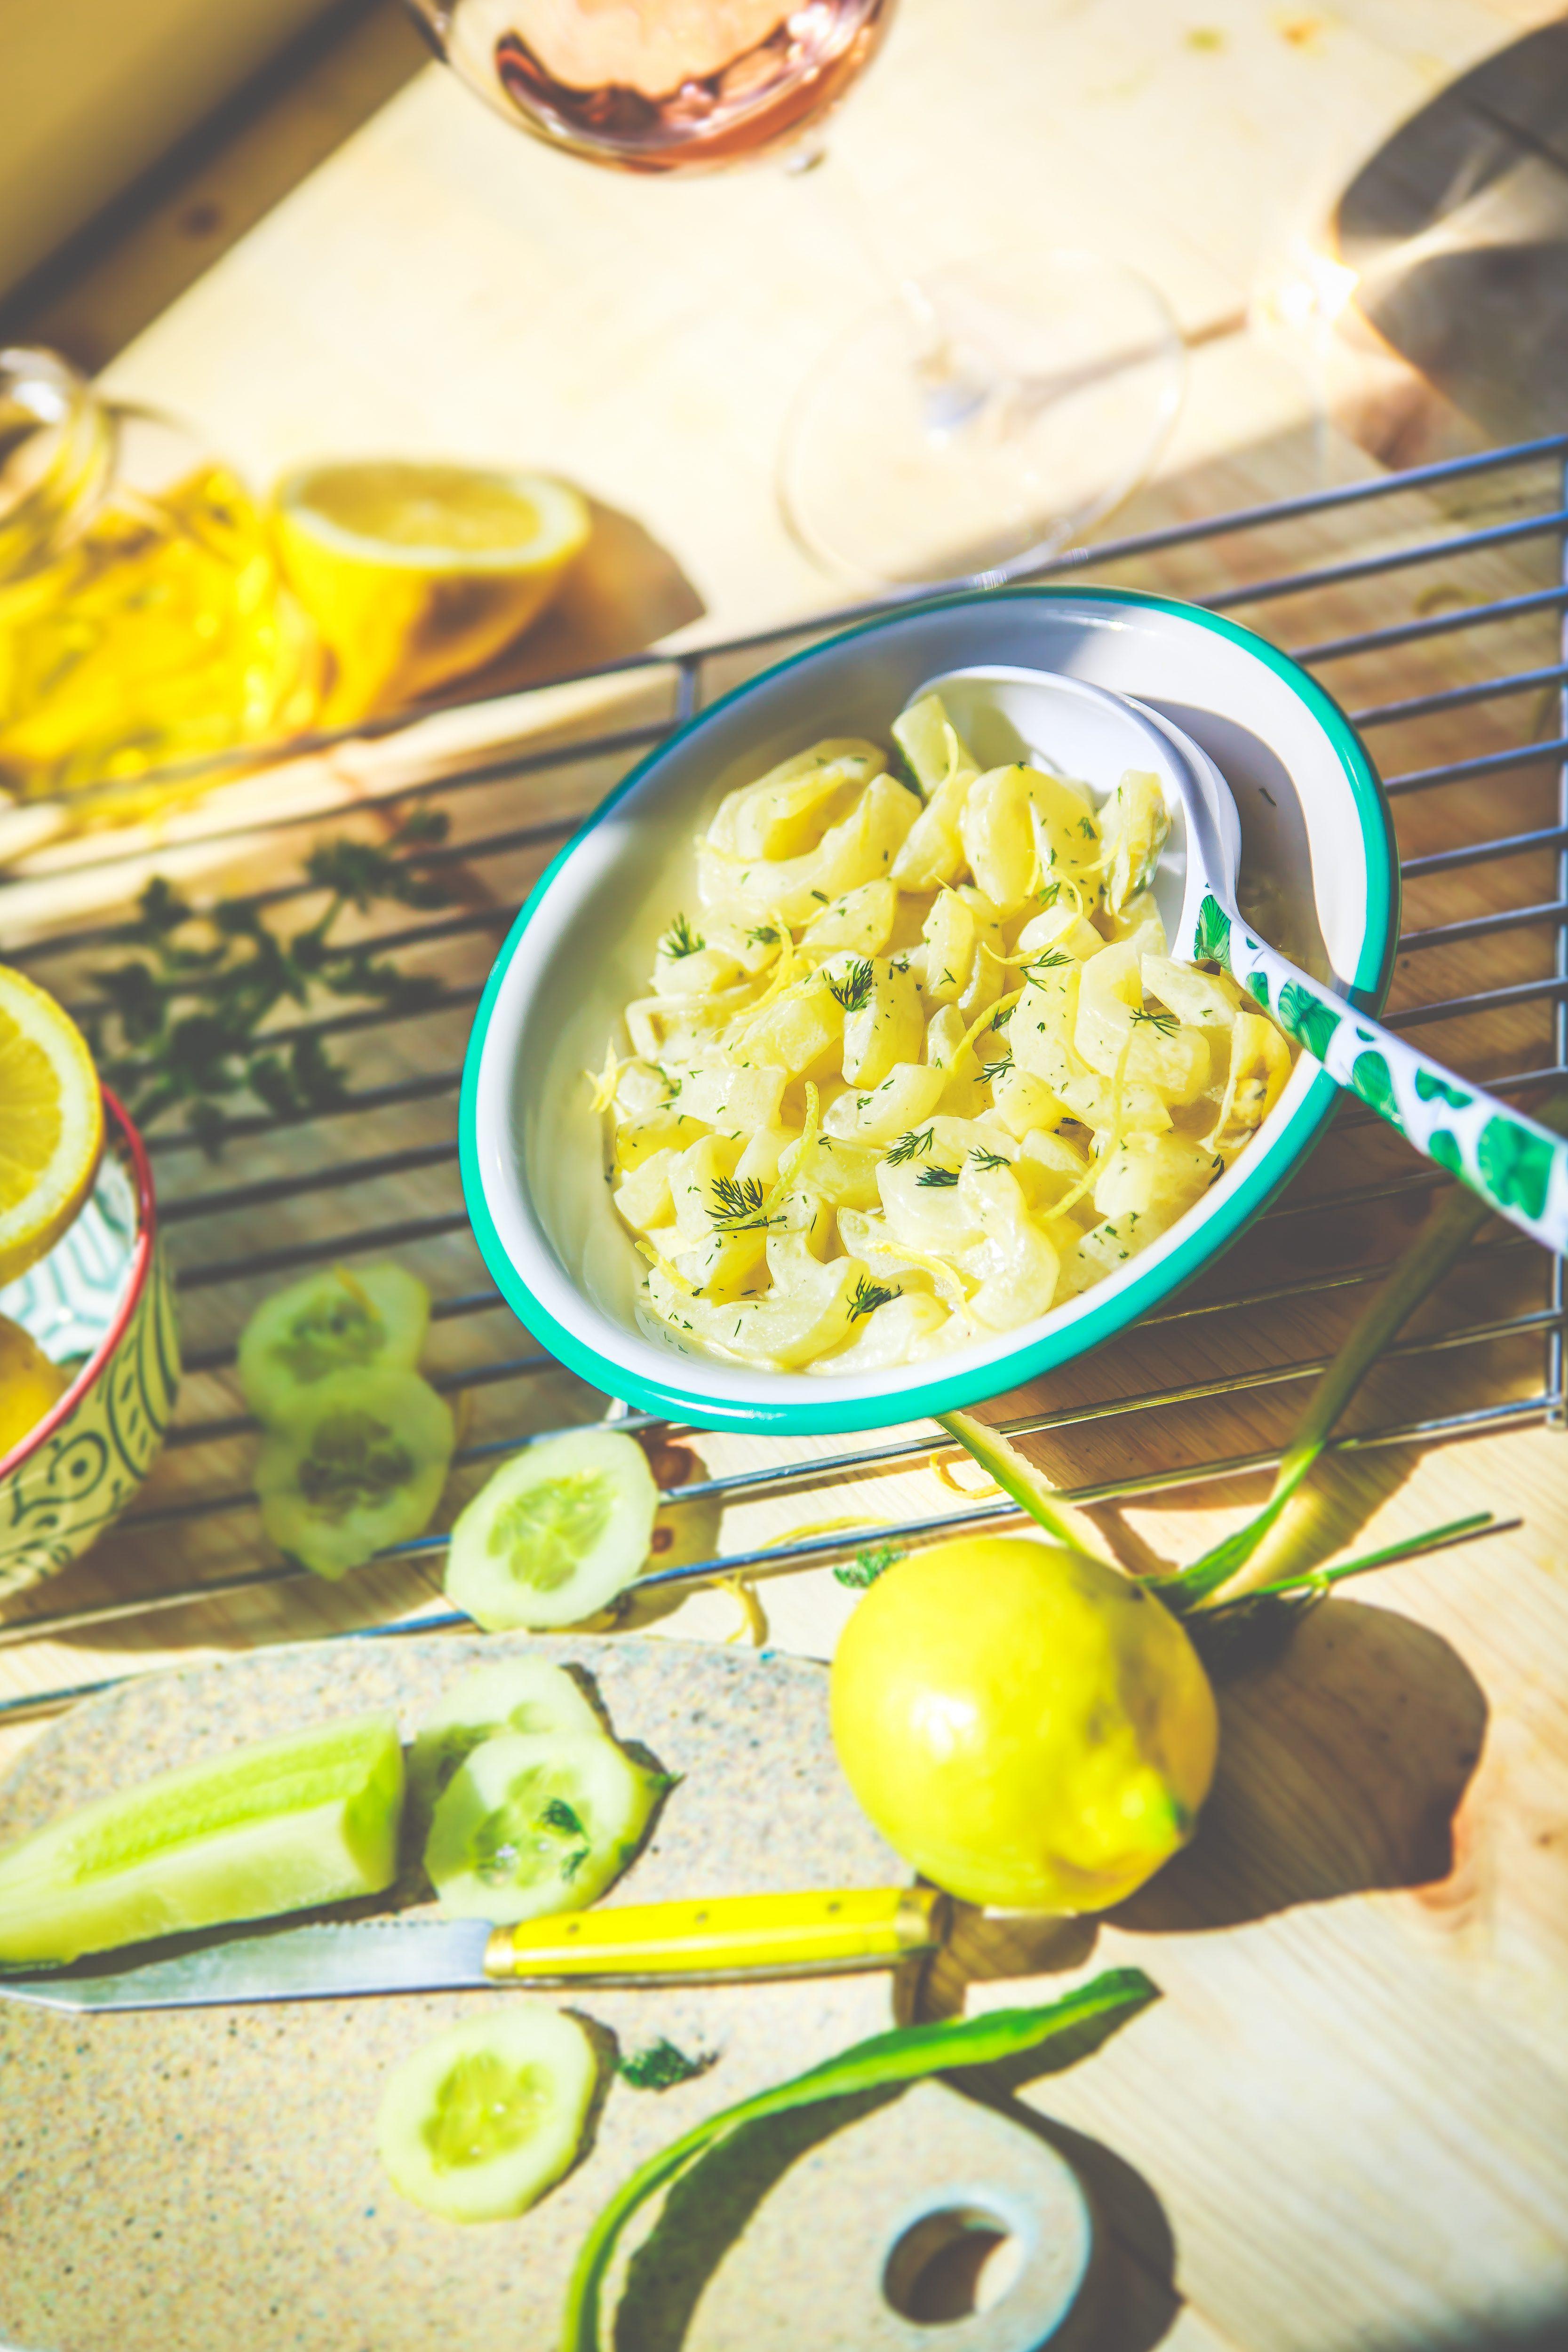 Recette Concombres cuits au miel, citron et aneth